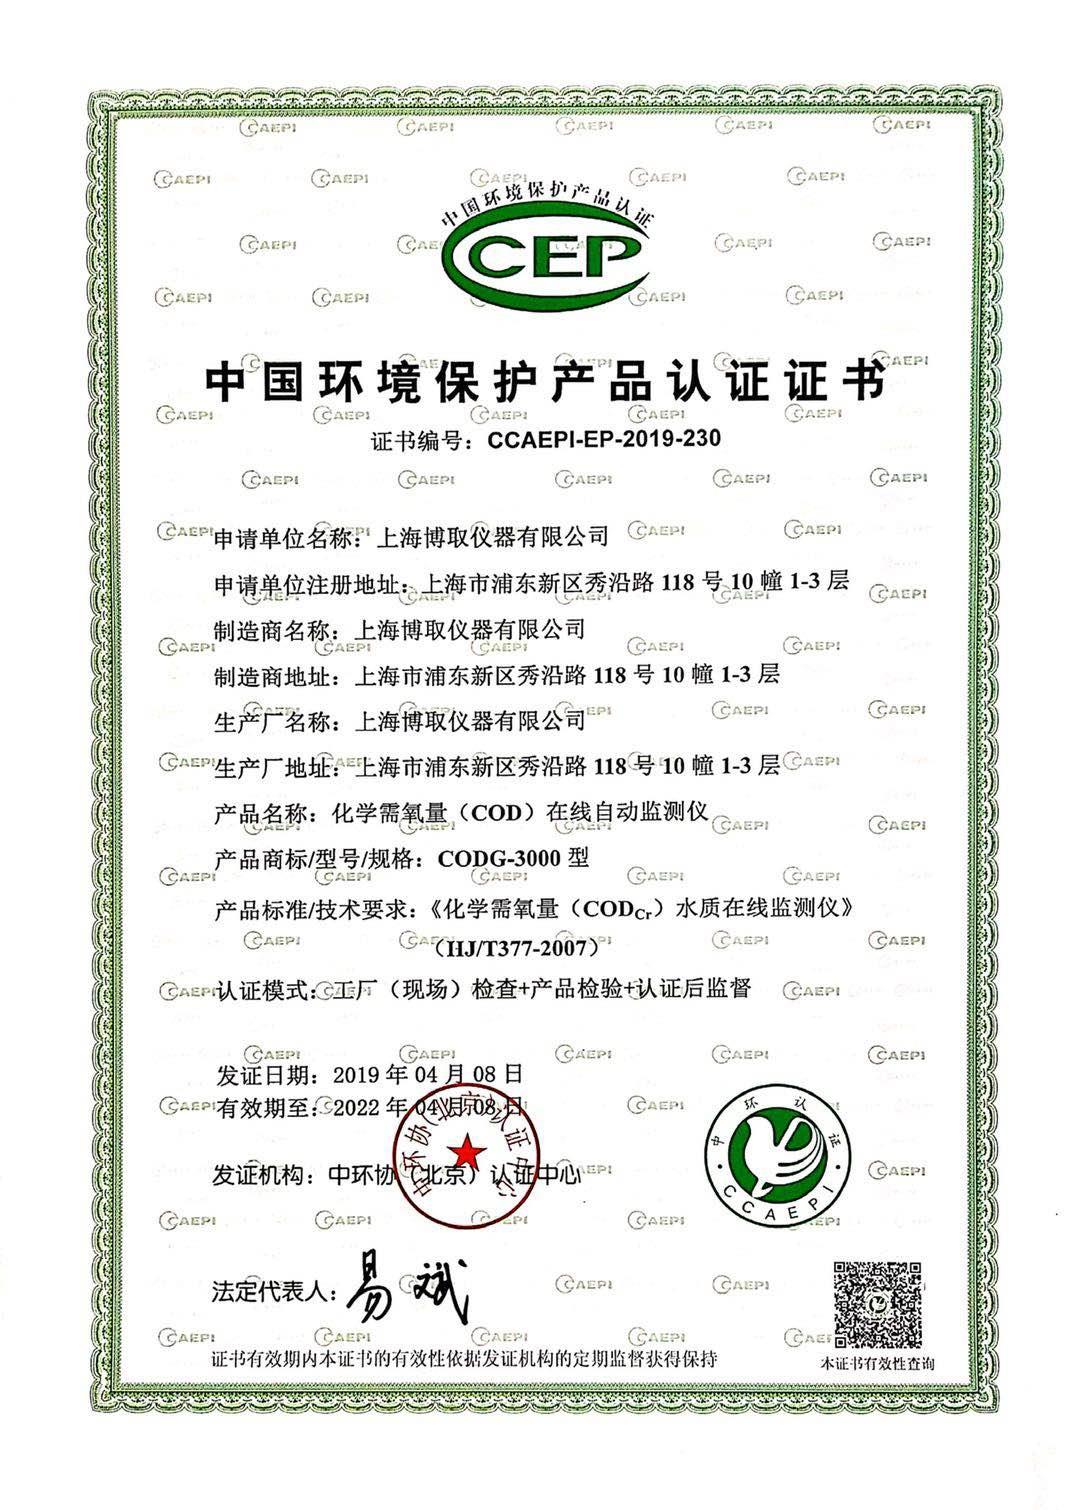 恭喜上海博取順利取得COD氨氮的環境保護證書